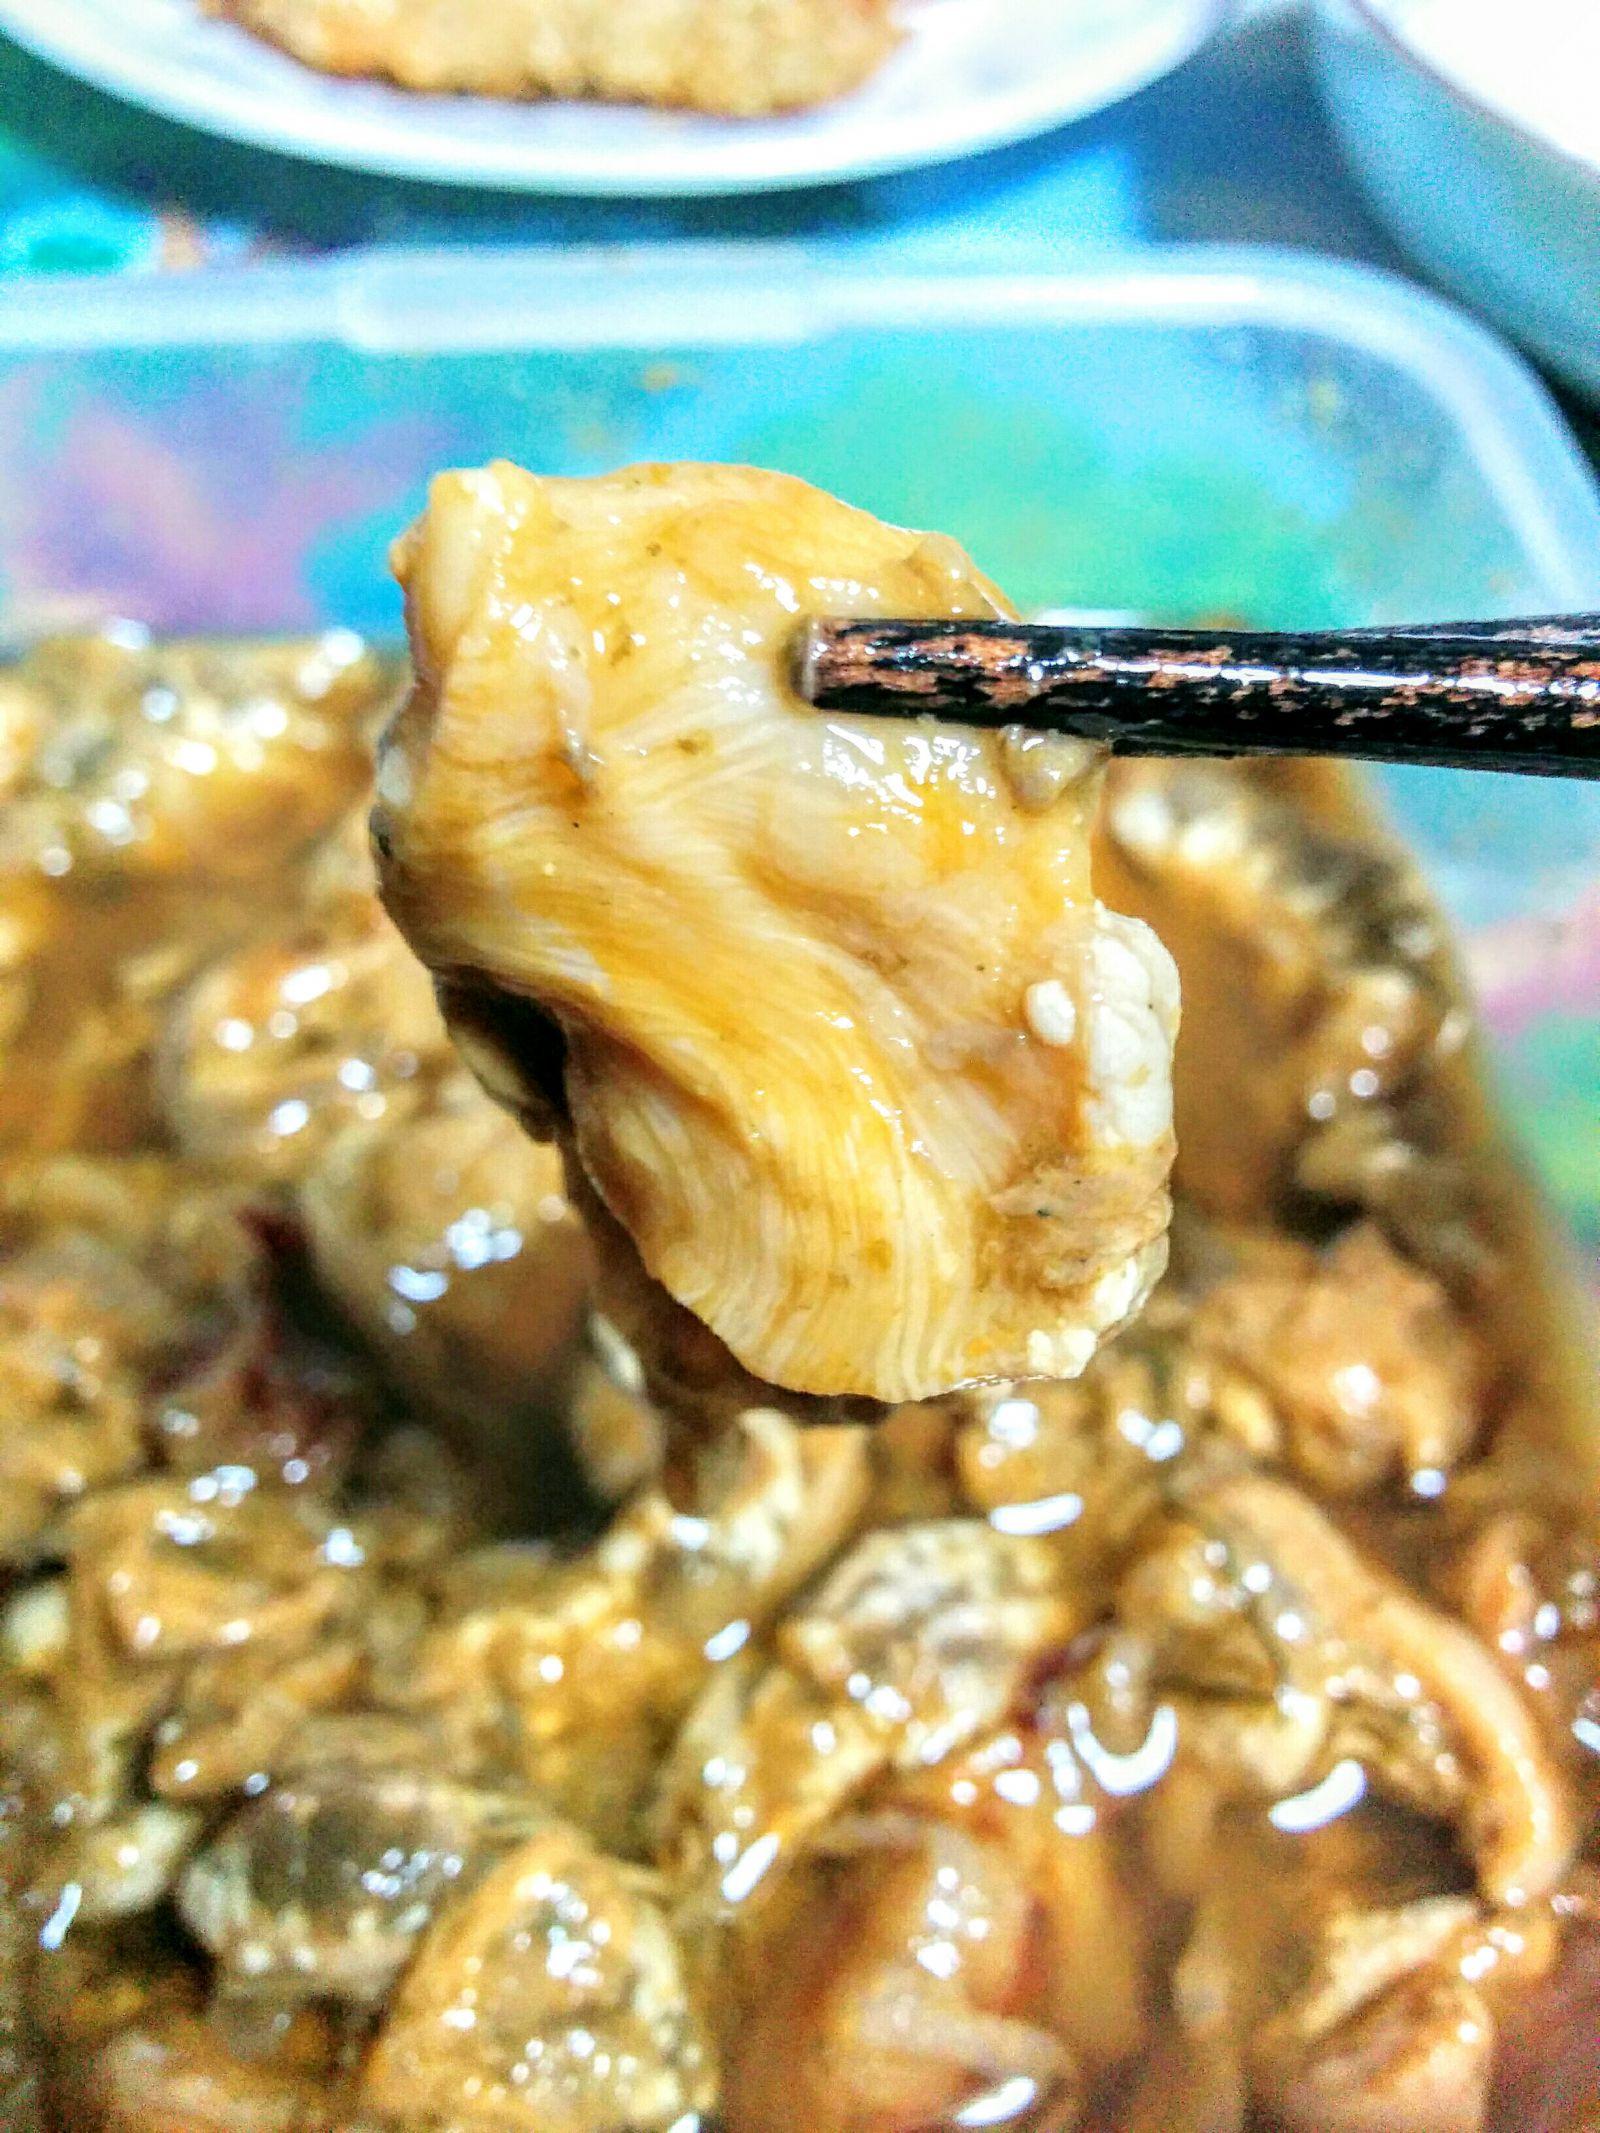 【北海道】海のパイナップル・ホヤの酢の物グルメ案内です。